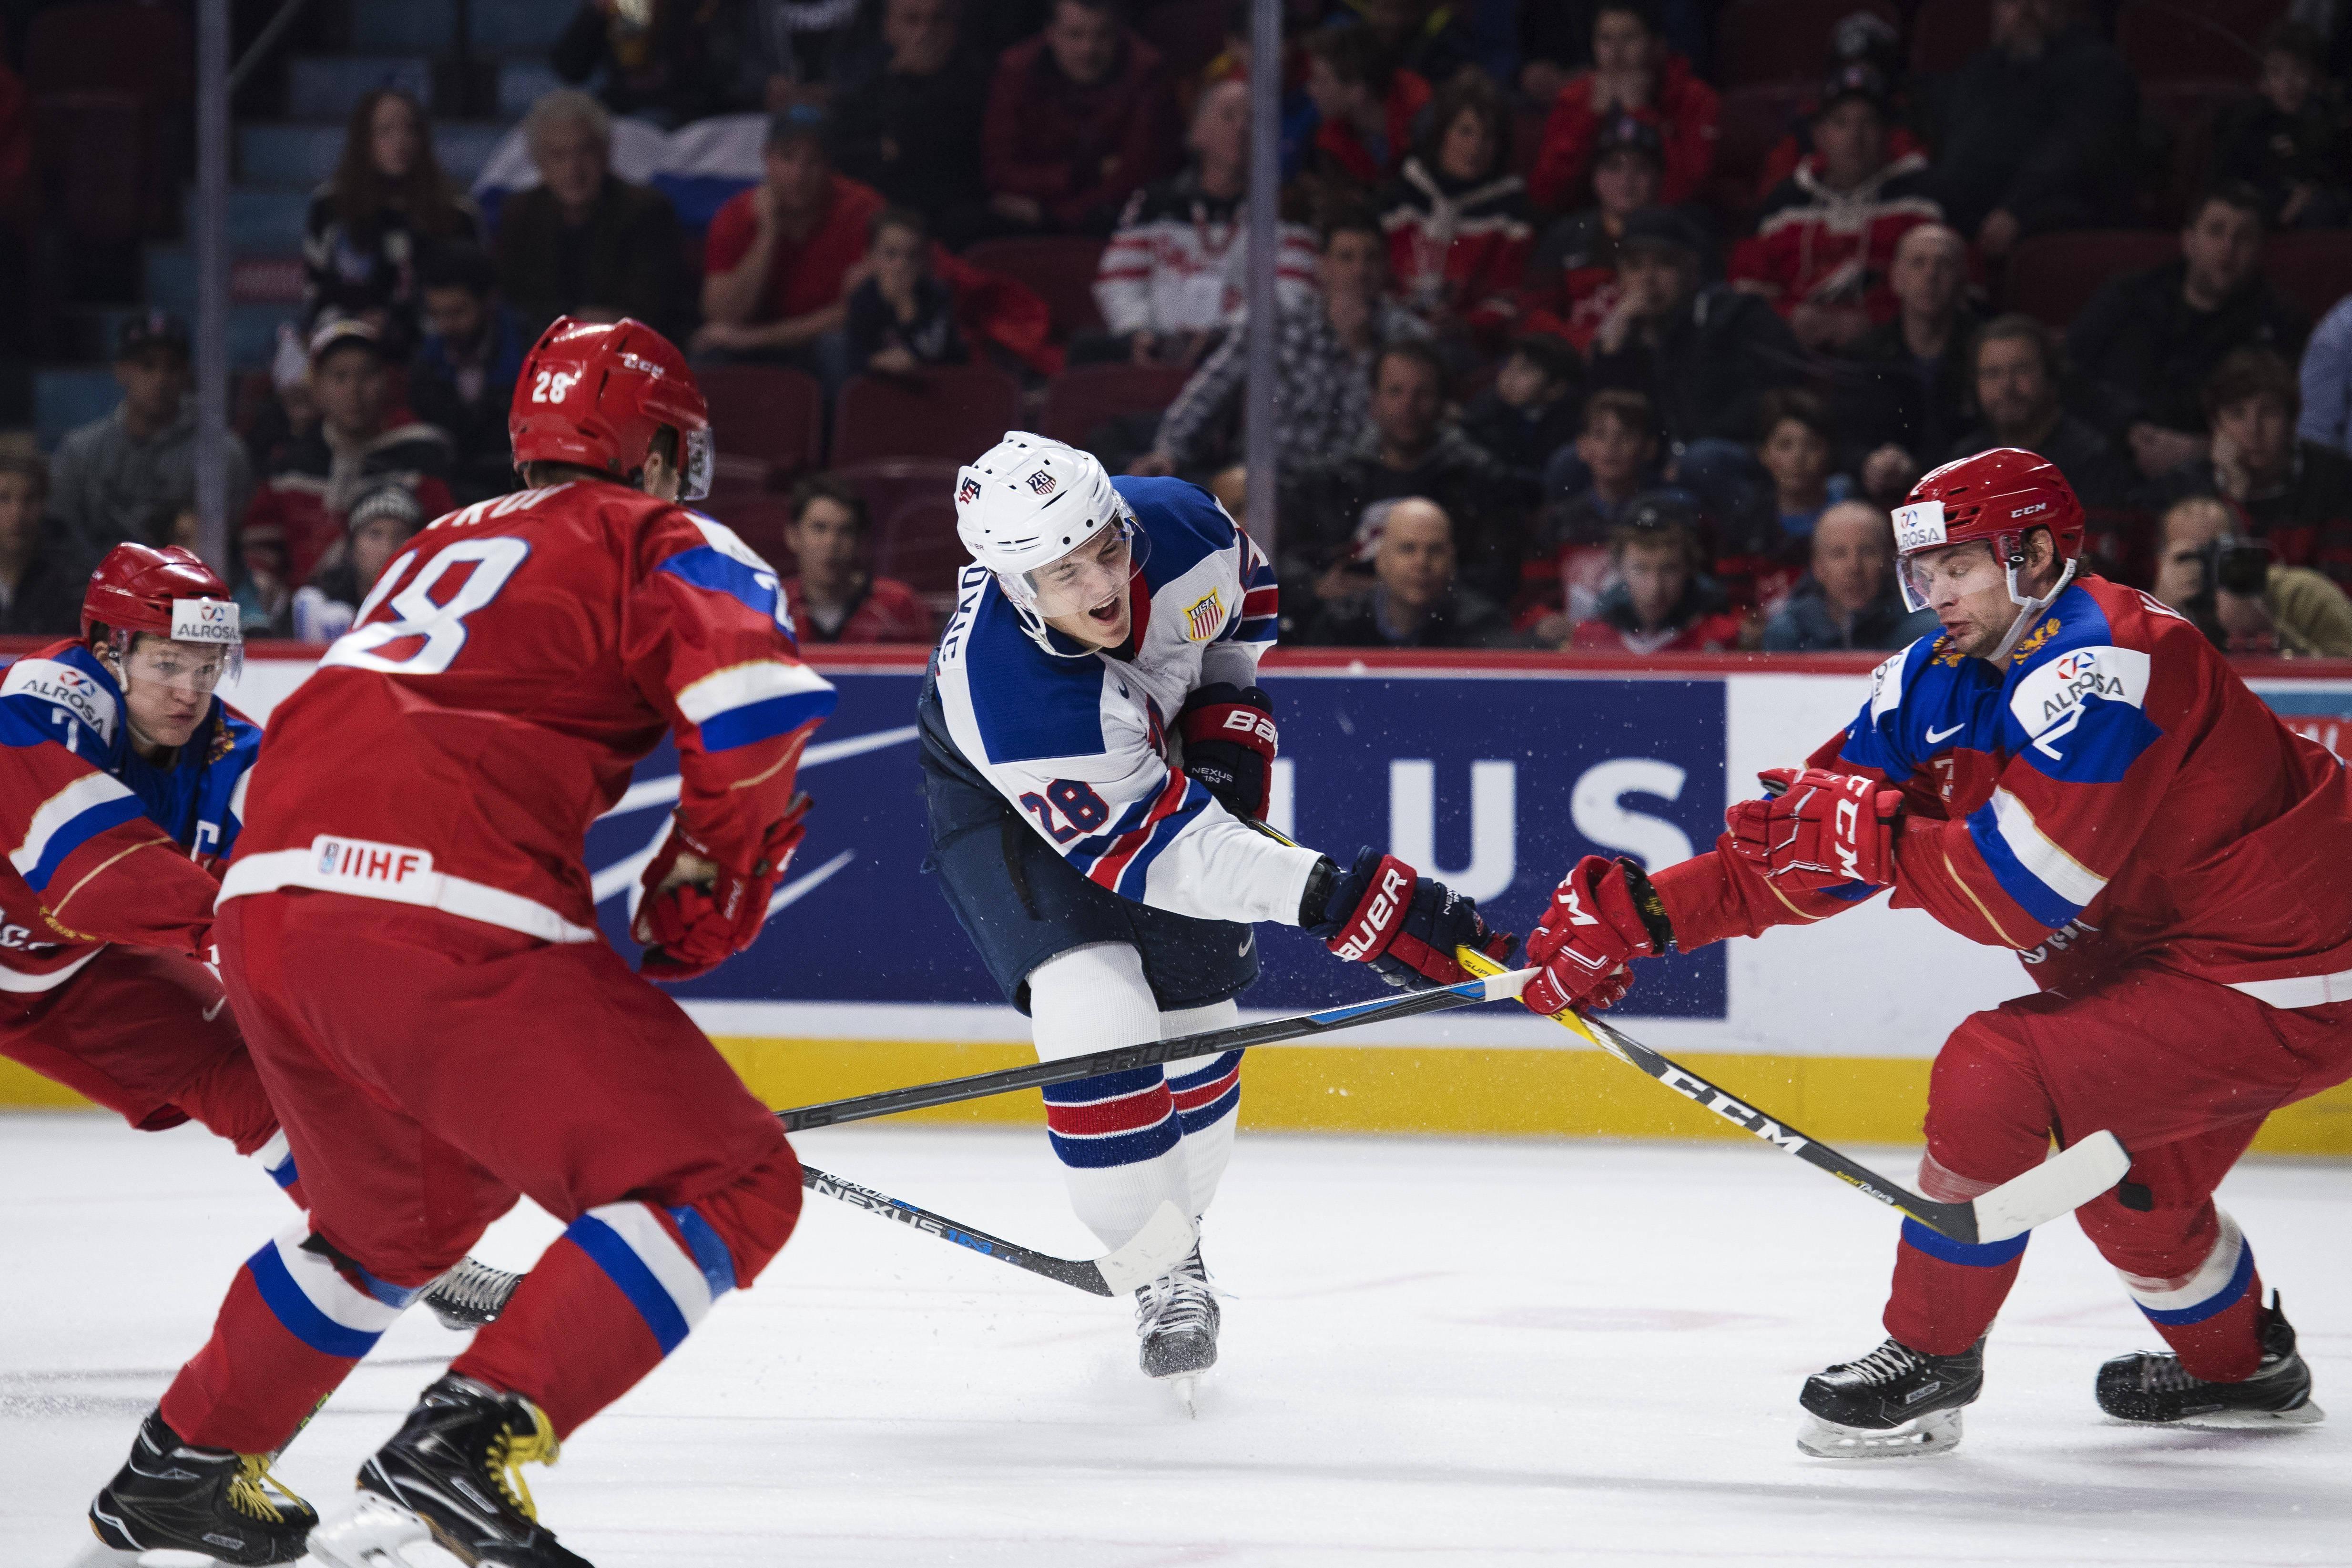 Сша 4 января россия хоккей